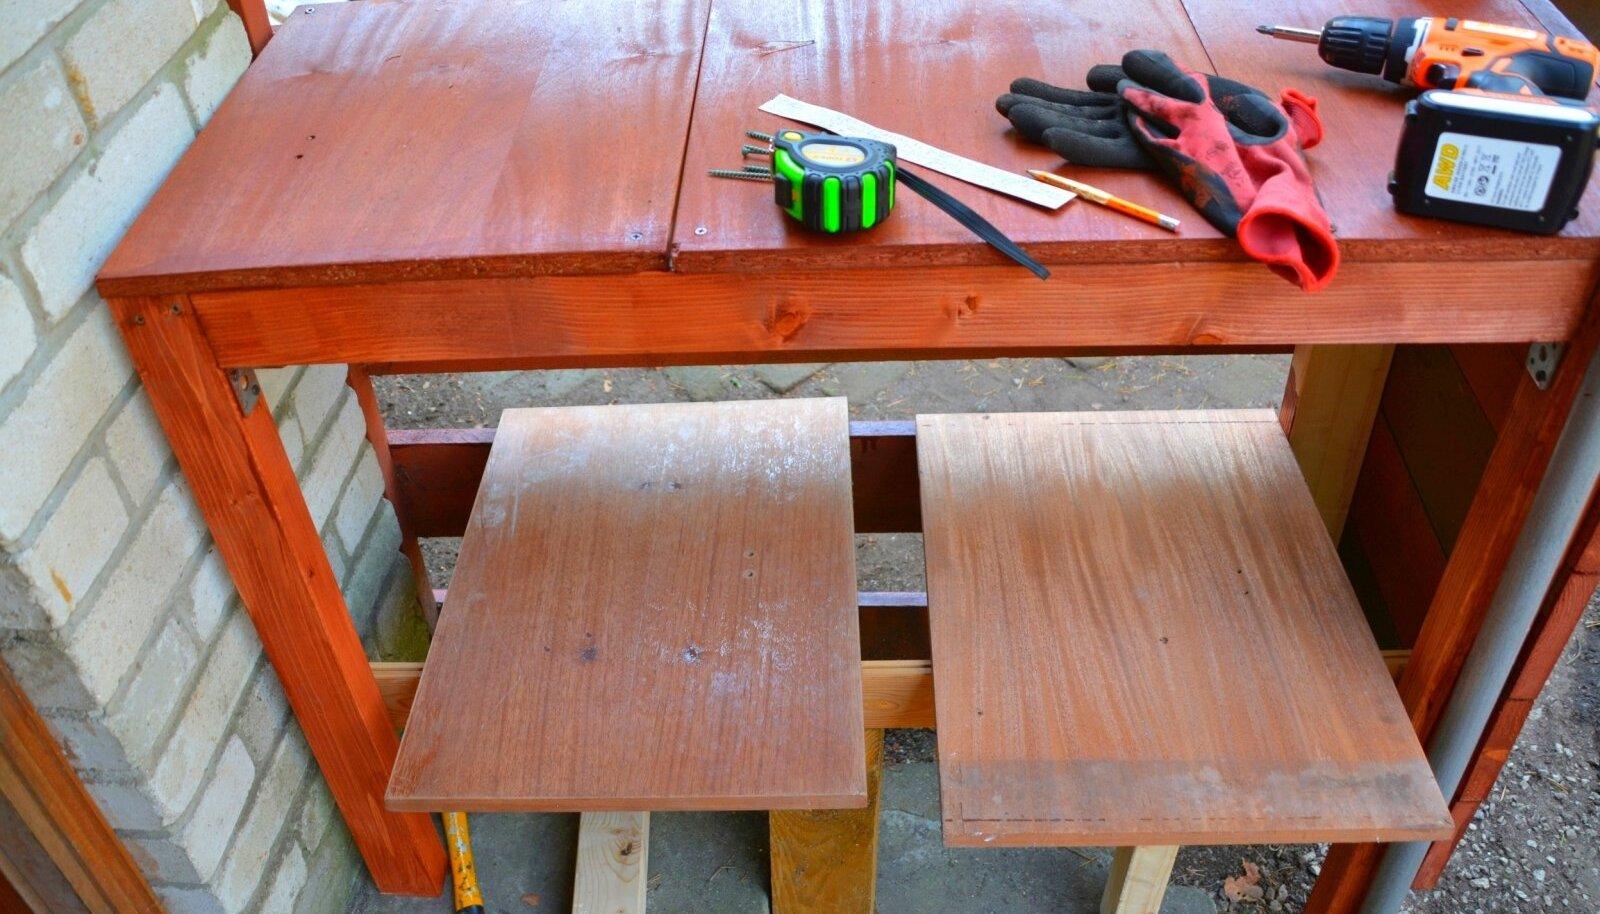 Panipaiga välimise osa valmistamiseks on kasutatud terrassilaudu, sisemus on tehtud vanadest riiulitest.